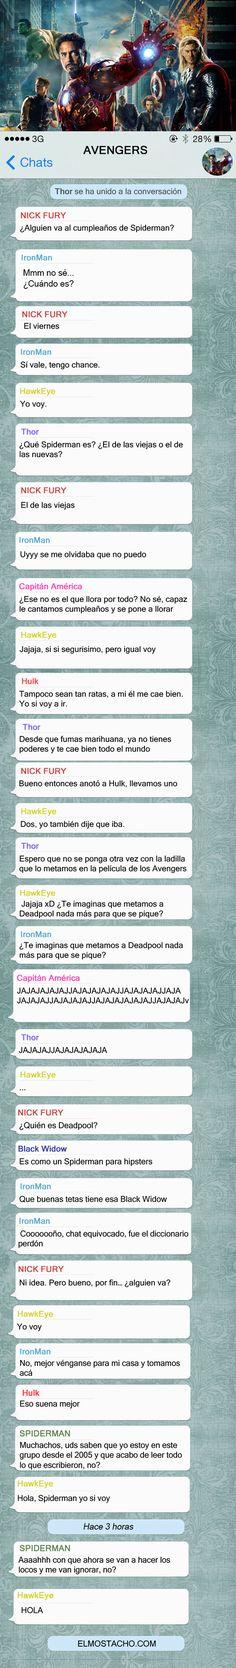 Una conversación del grupo de #Whatsapp de los #Avengers.